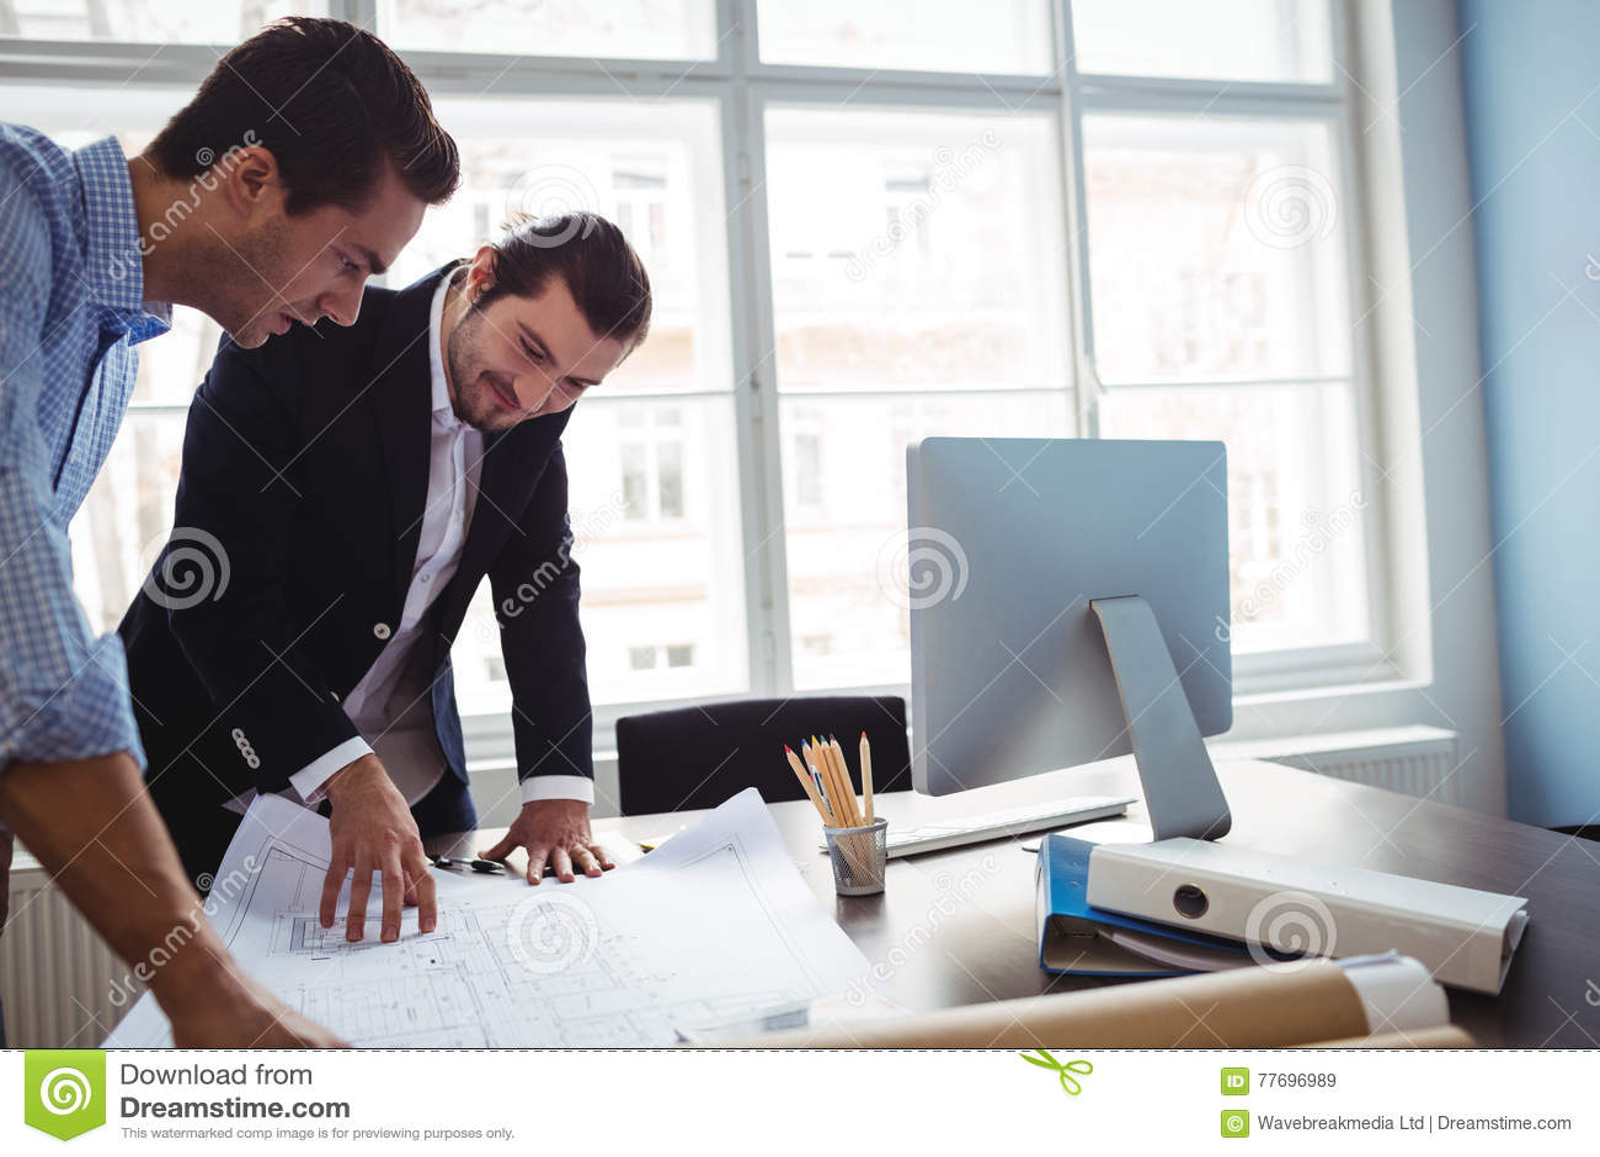 Дизайнер по интерьеру обсуждая светокопию с коллегой